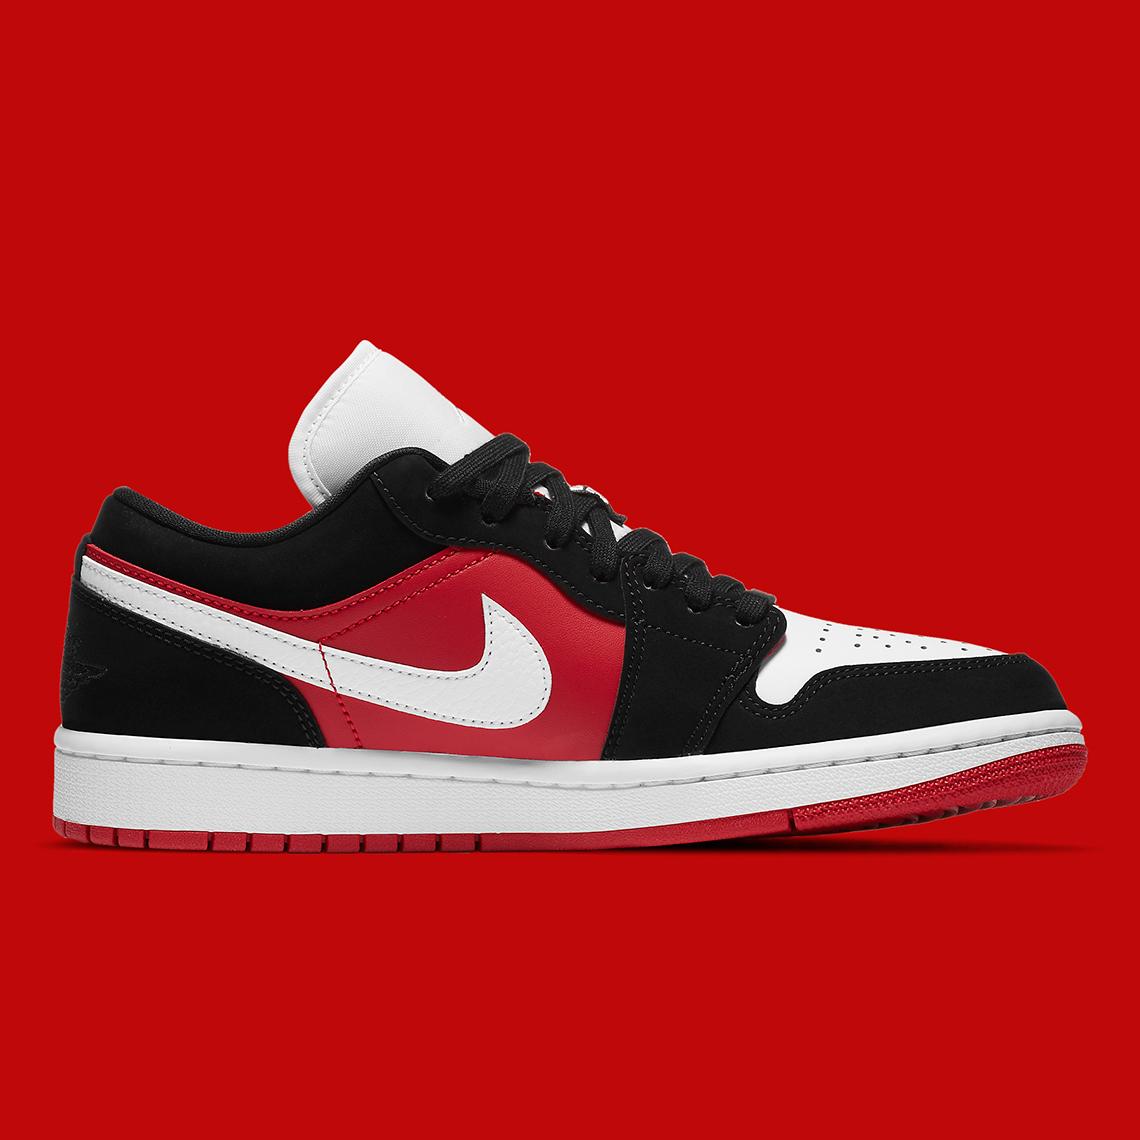 giay-sneaker-nu-nike-jordan-1-low-dc0774-016-black-white-gym-red-hang-chinh-hang